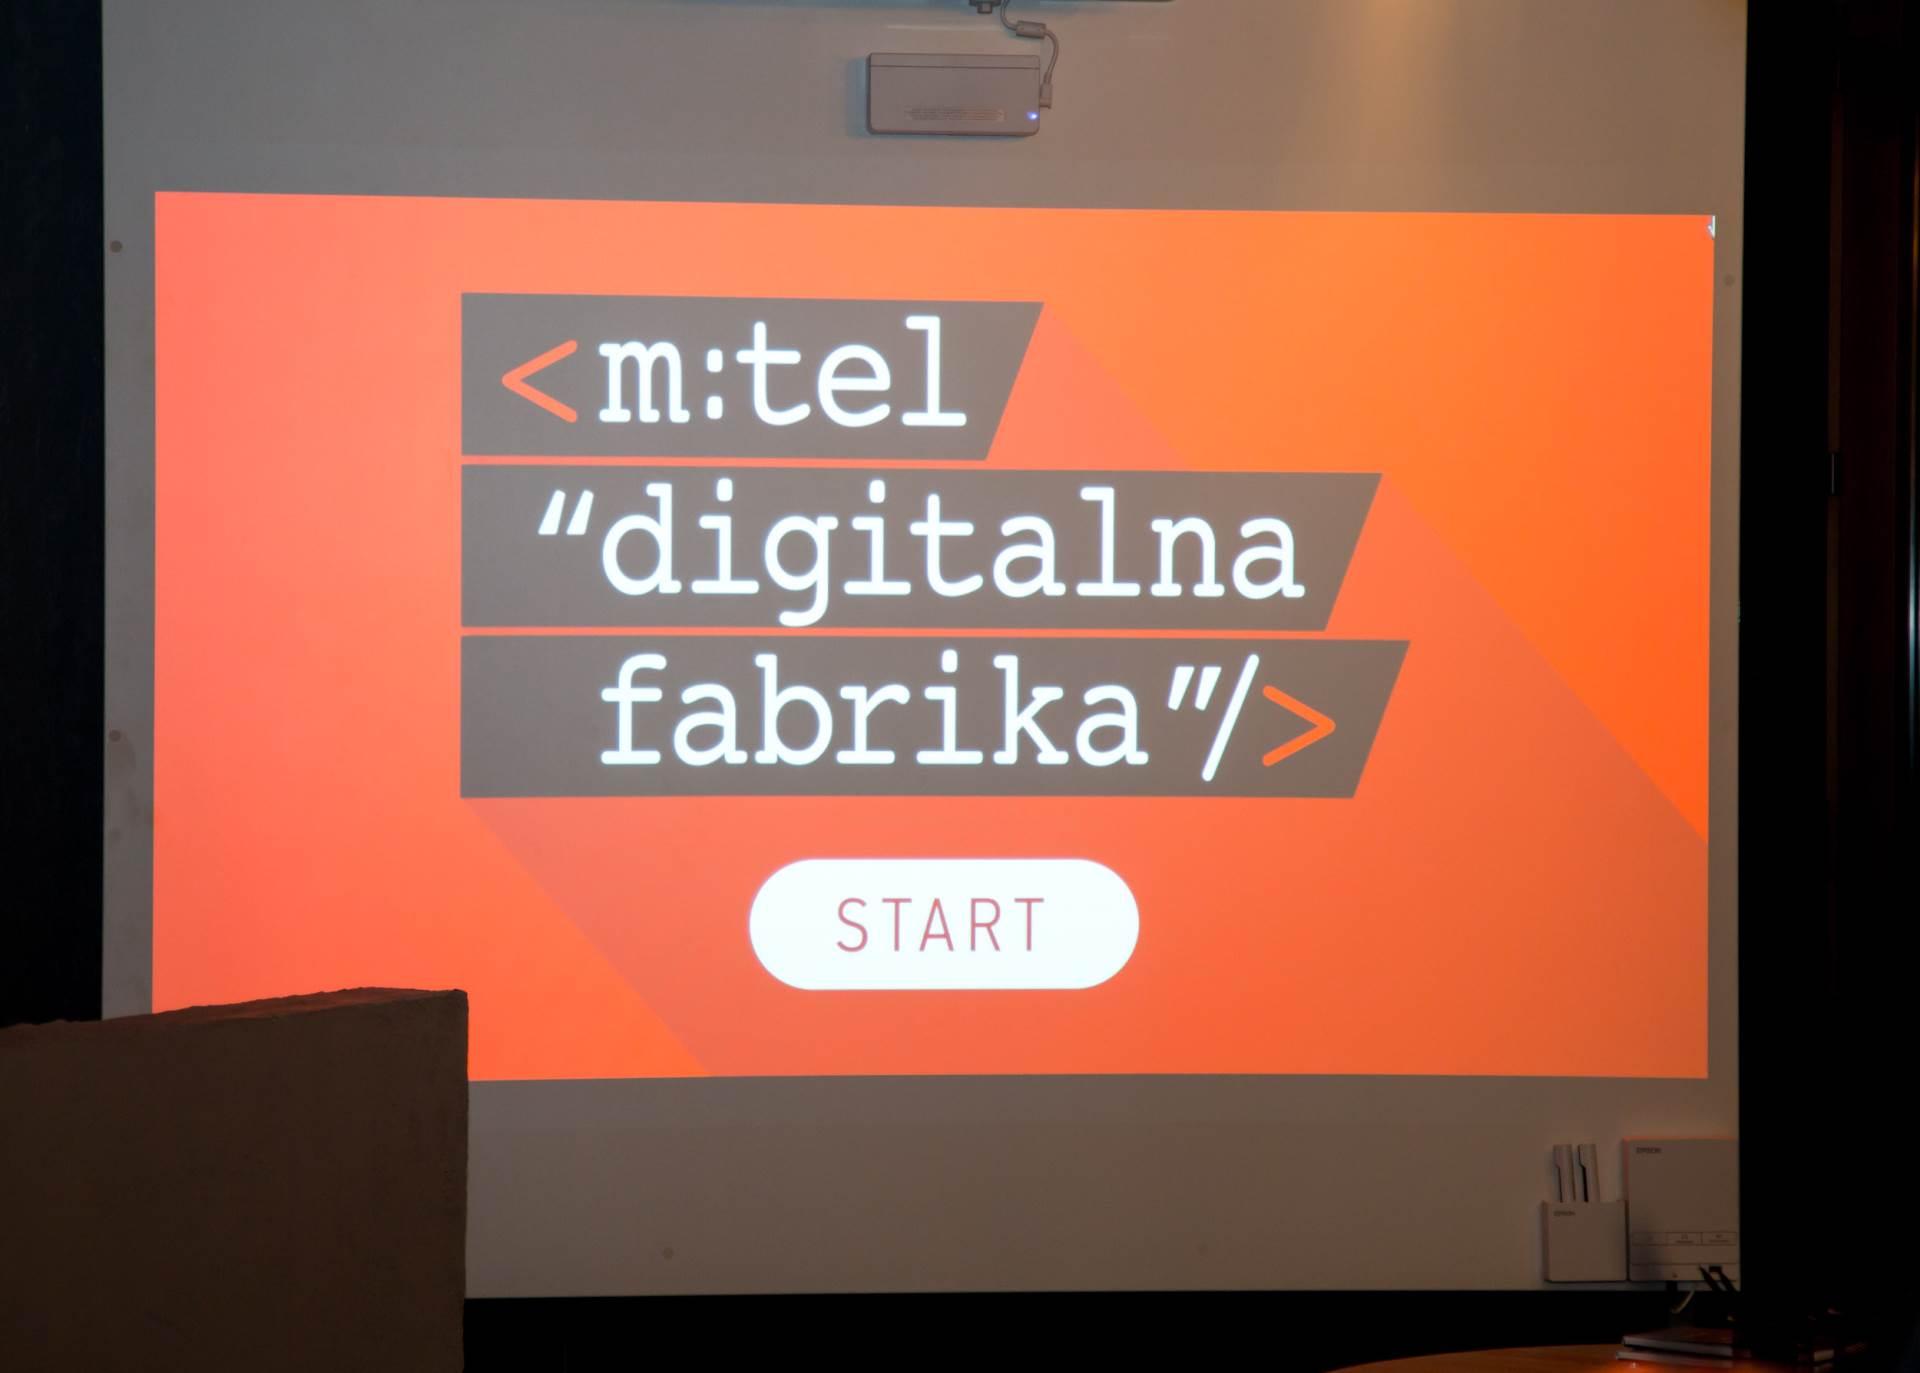 Kompanija m:tel otvorila Digitalnu fabriku